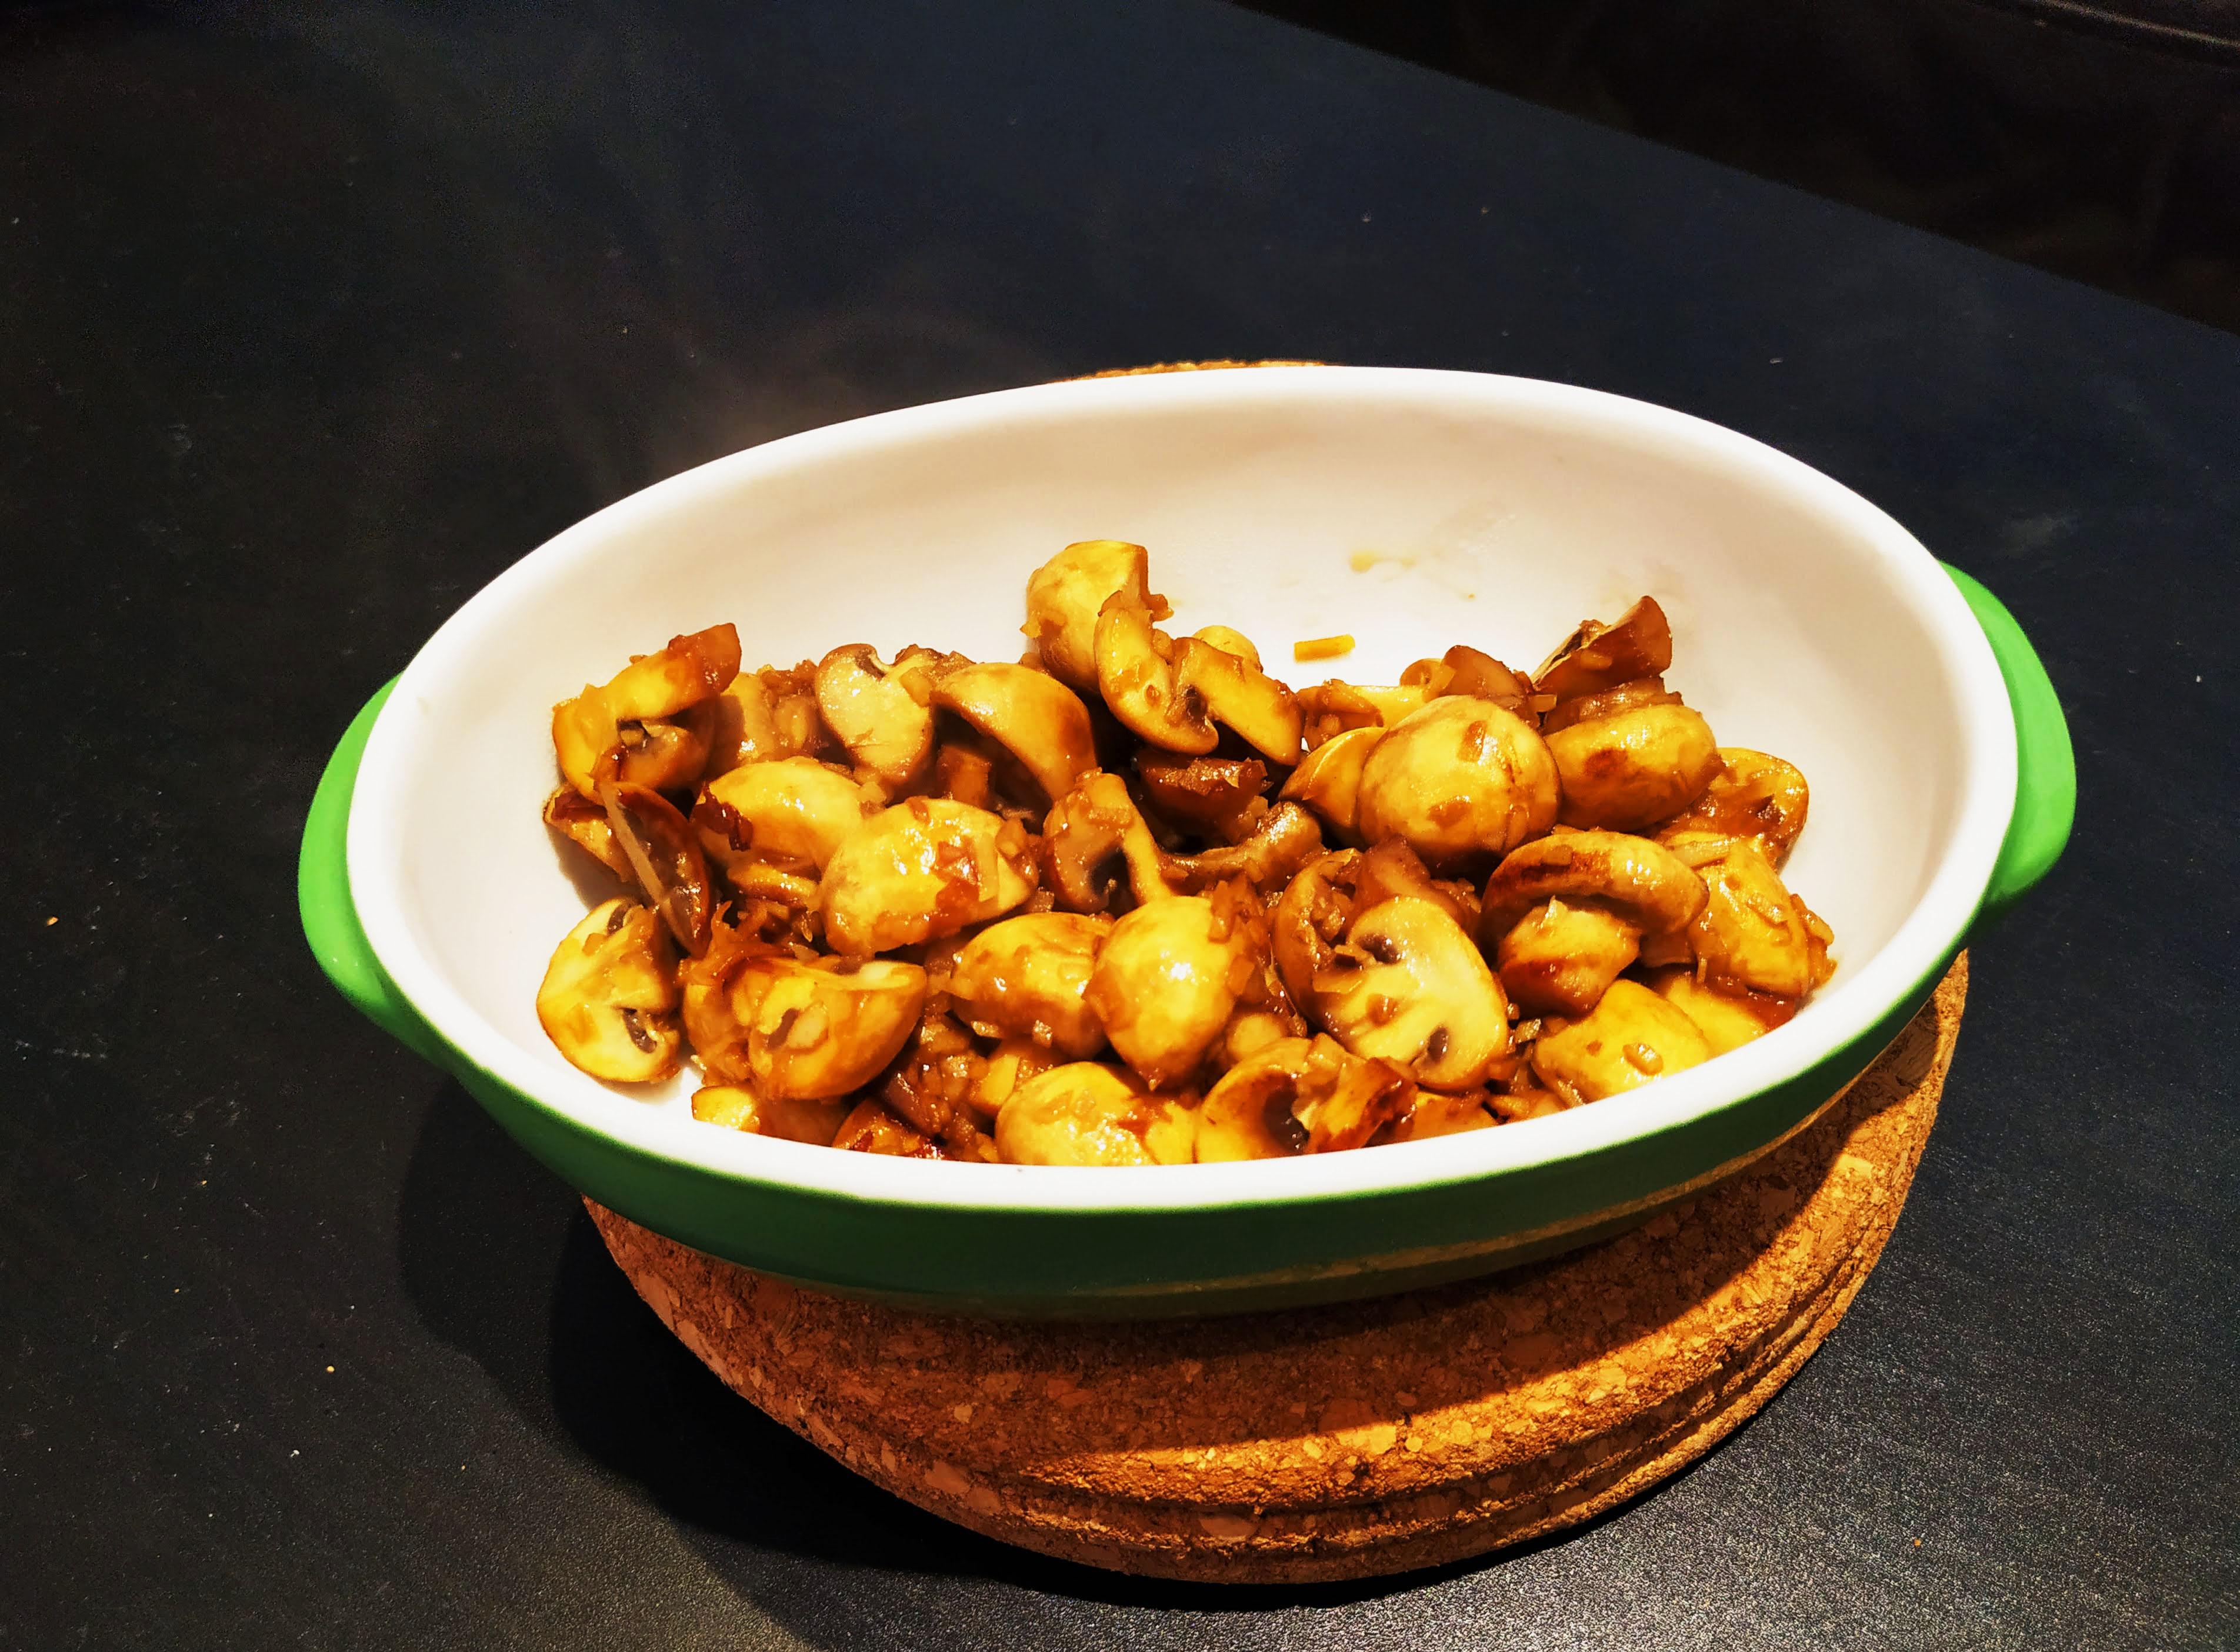 【暗蒜蘑菇】蒜香白酒炒磨菇